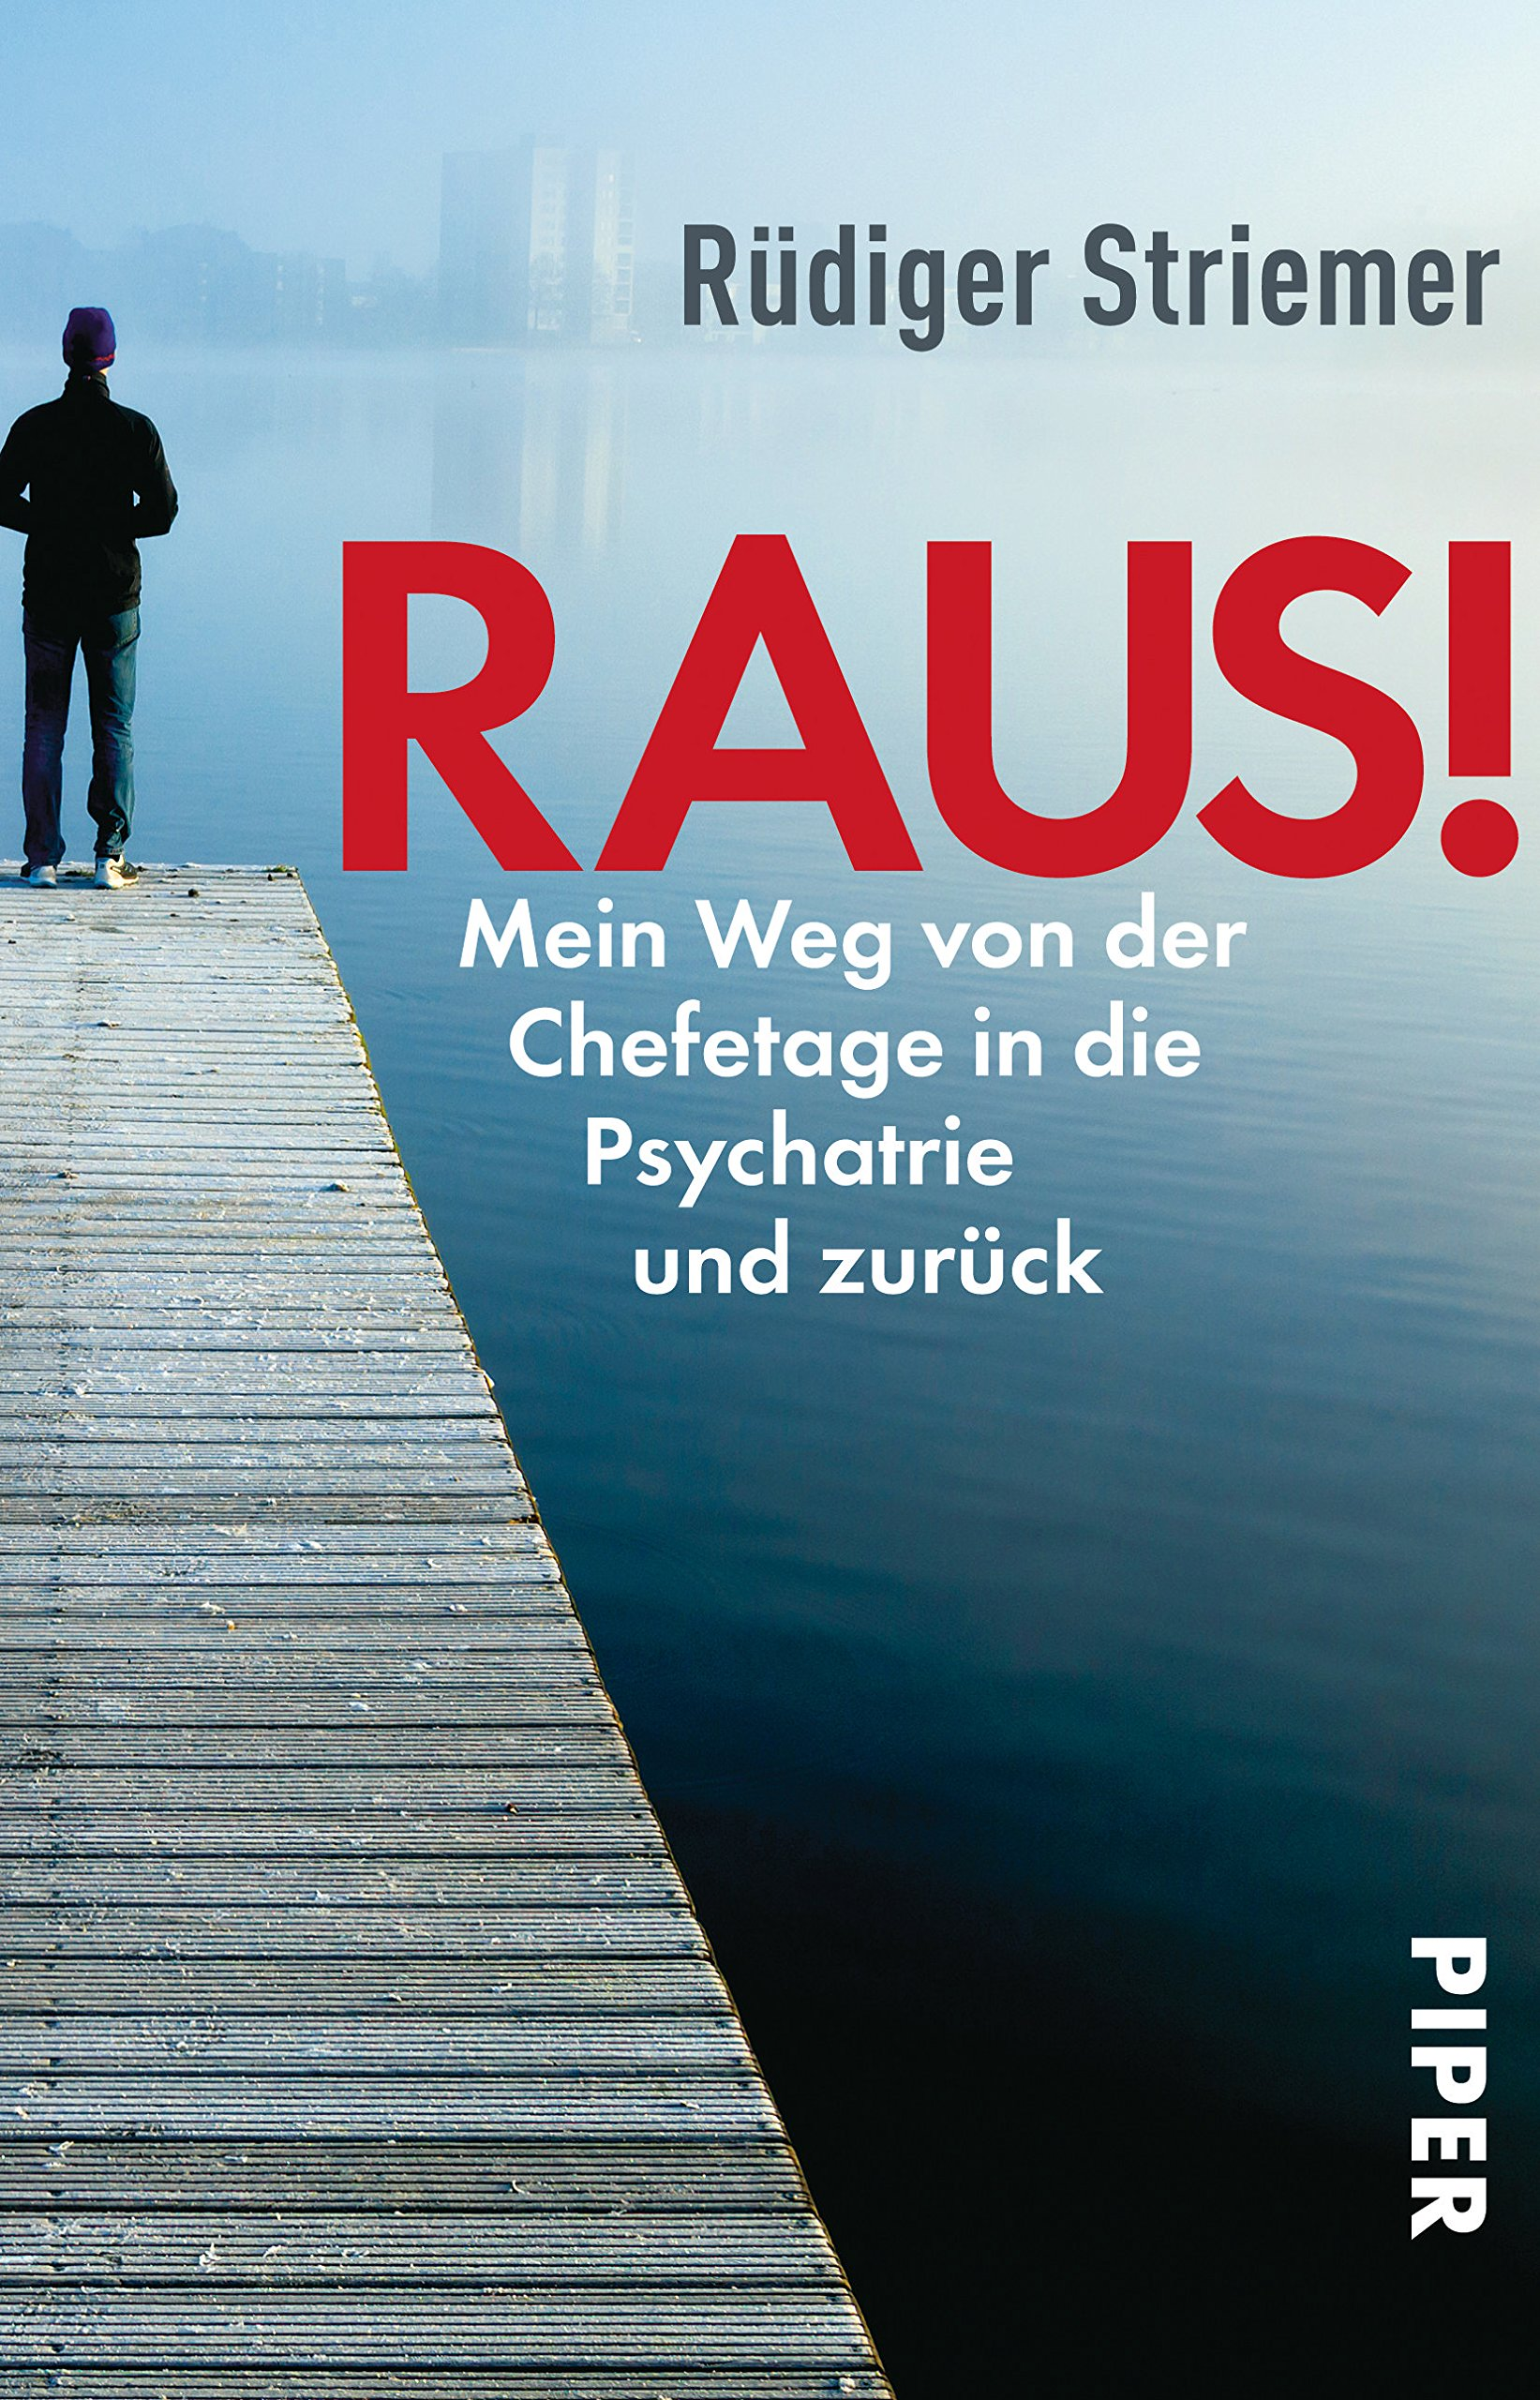 Raus!: Mein Weg von der Chefetage in die Psychiatrie und zurück